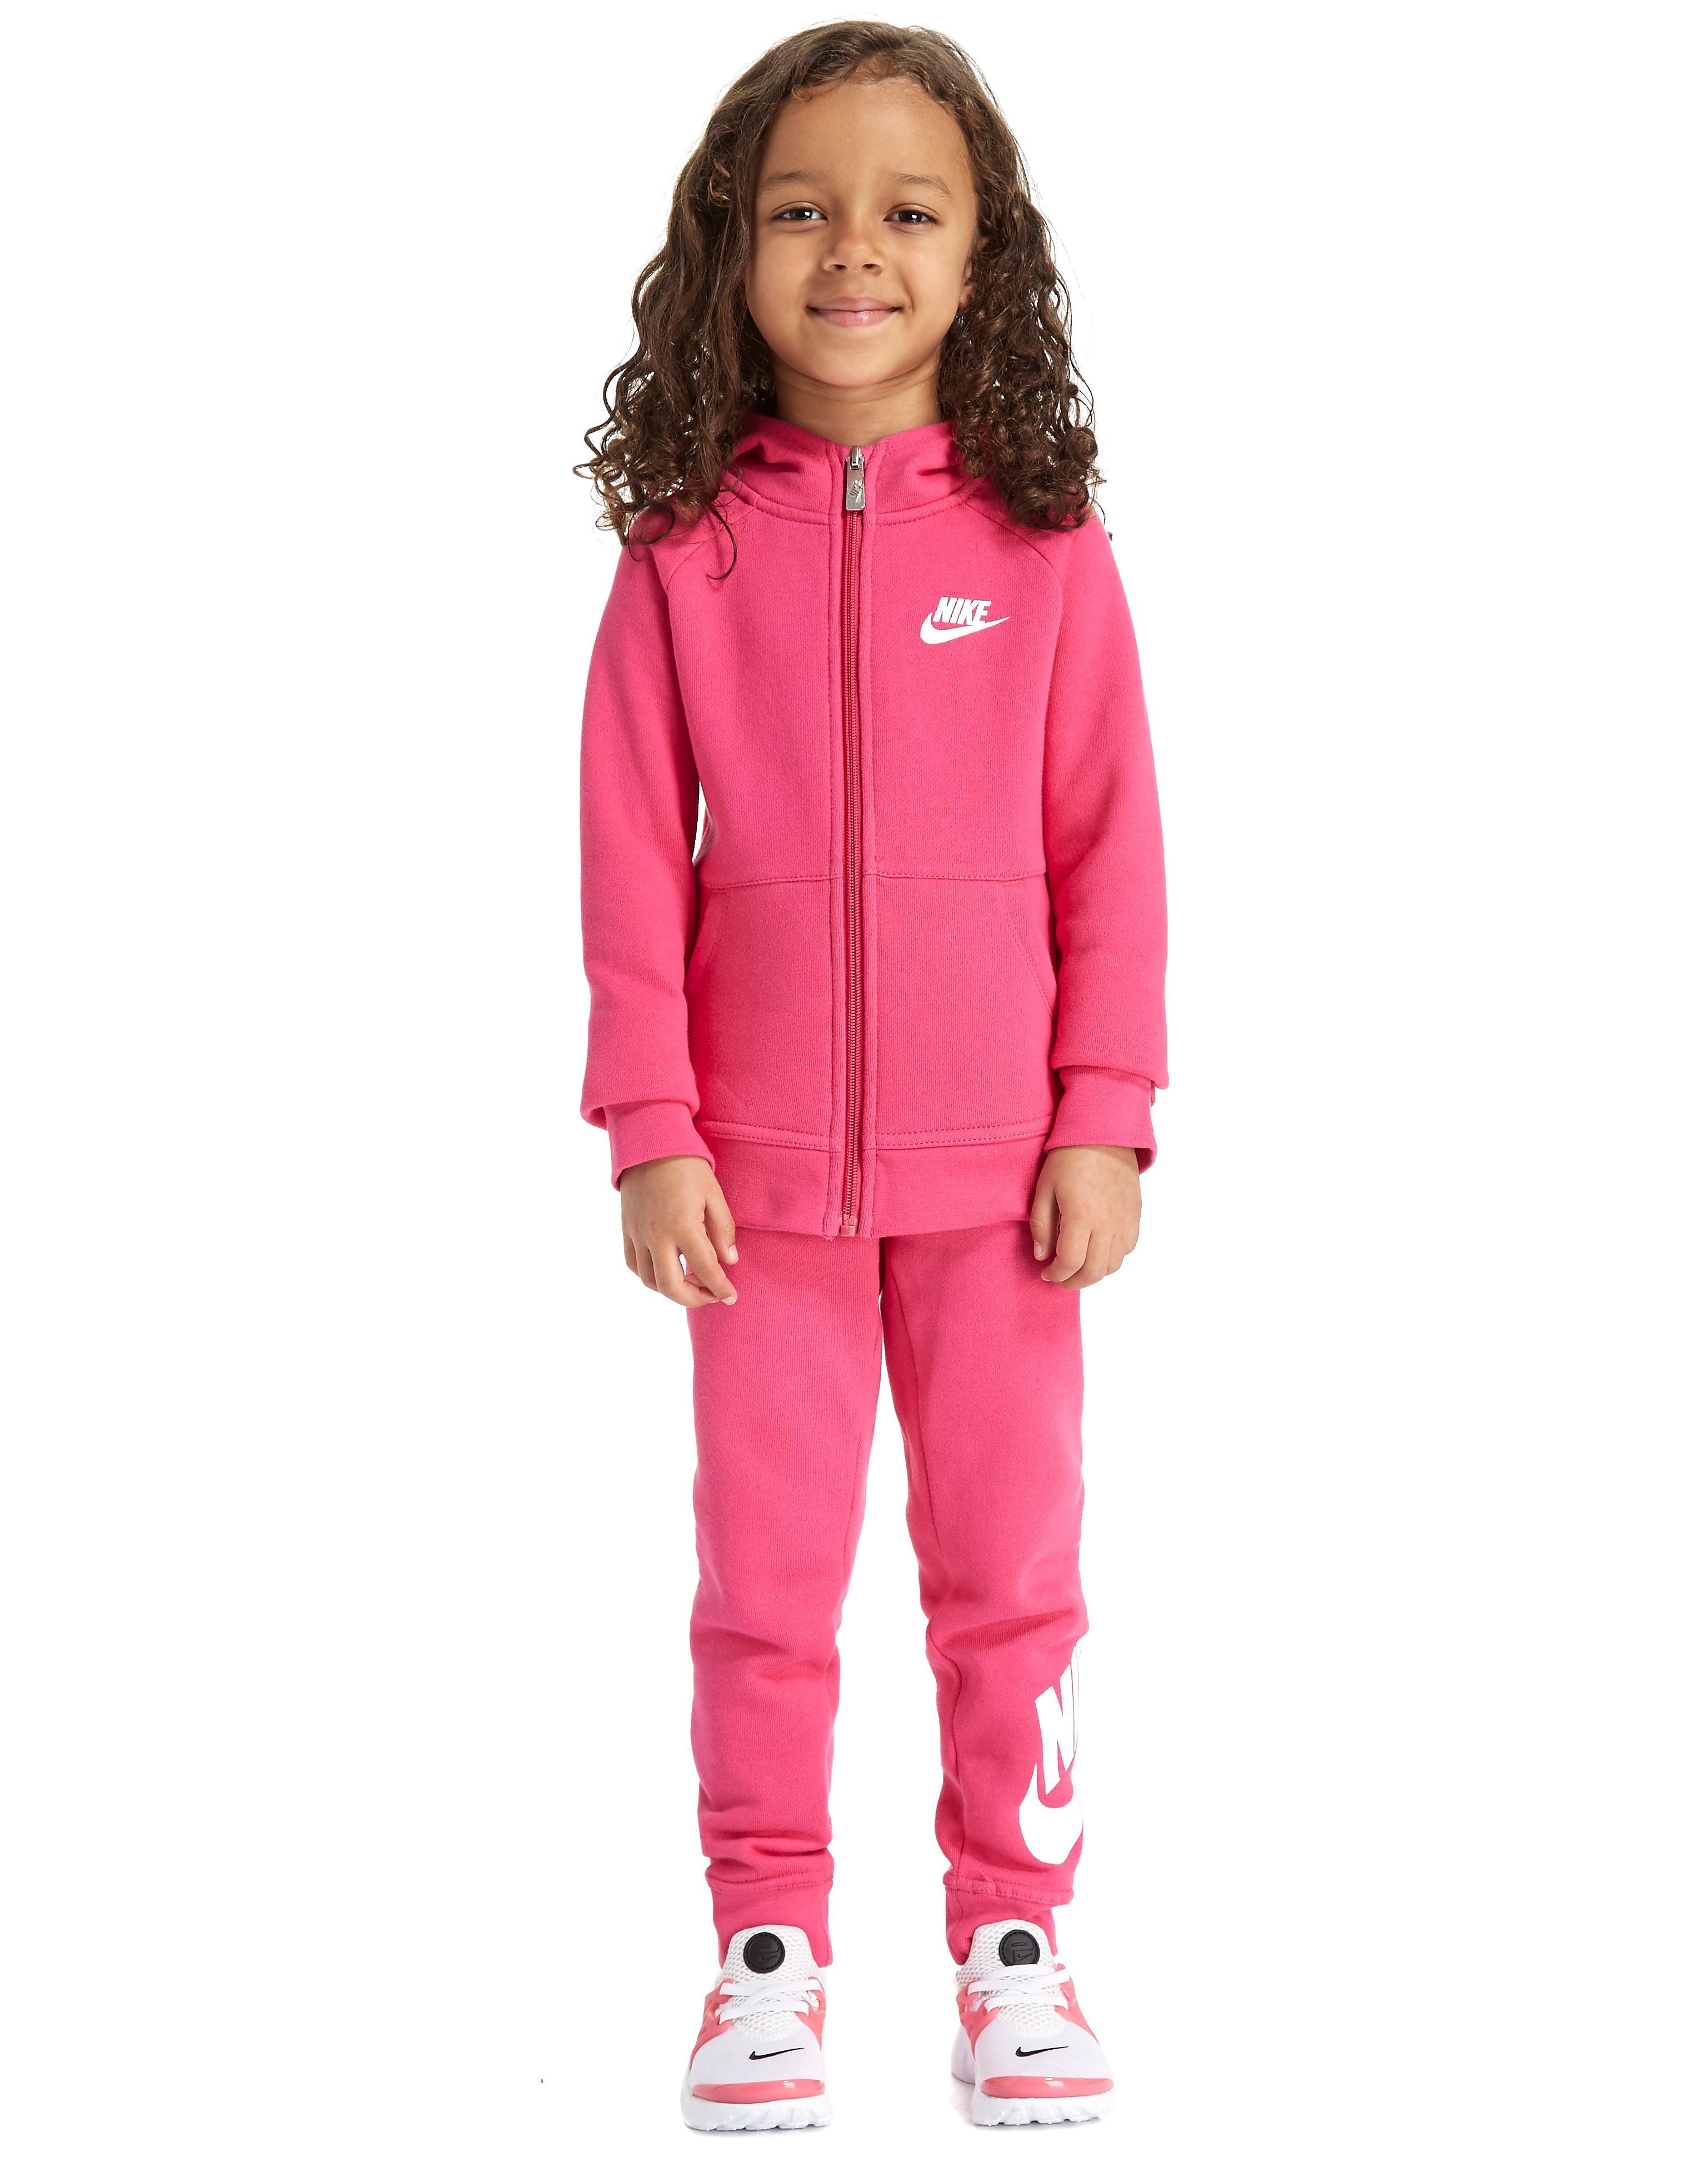 Nike Futura Suit Children